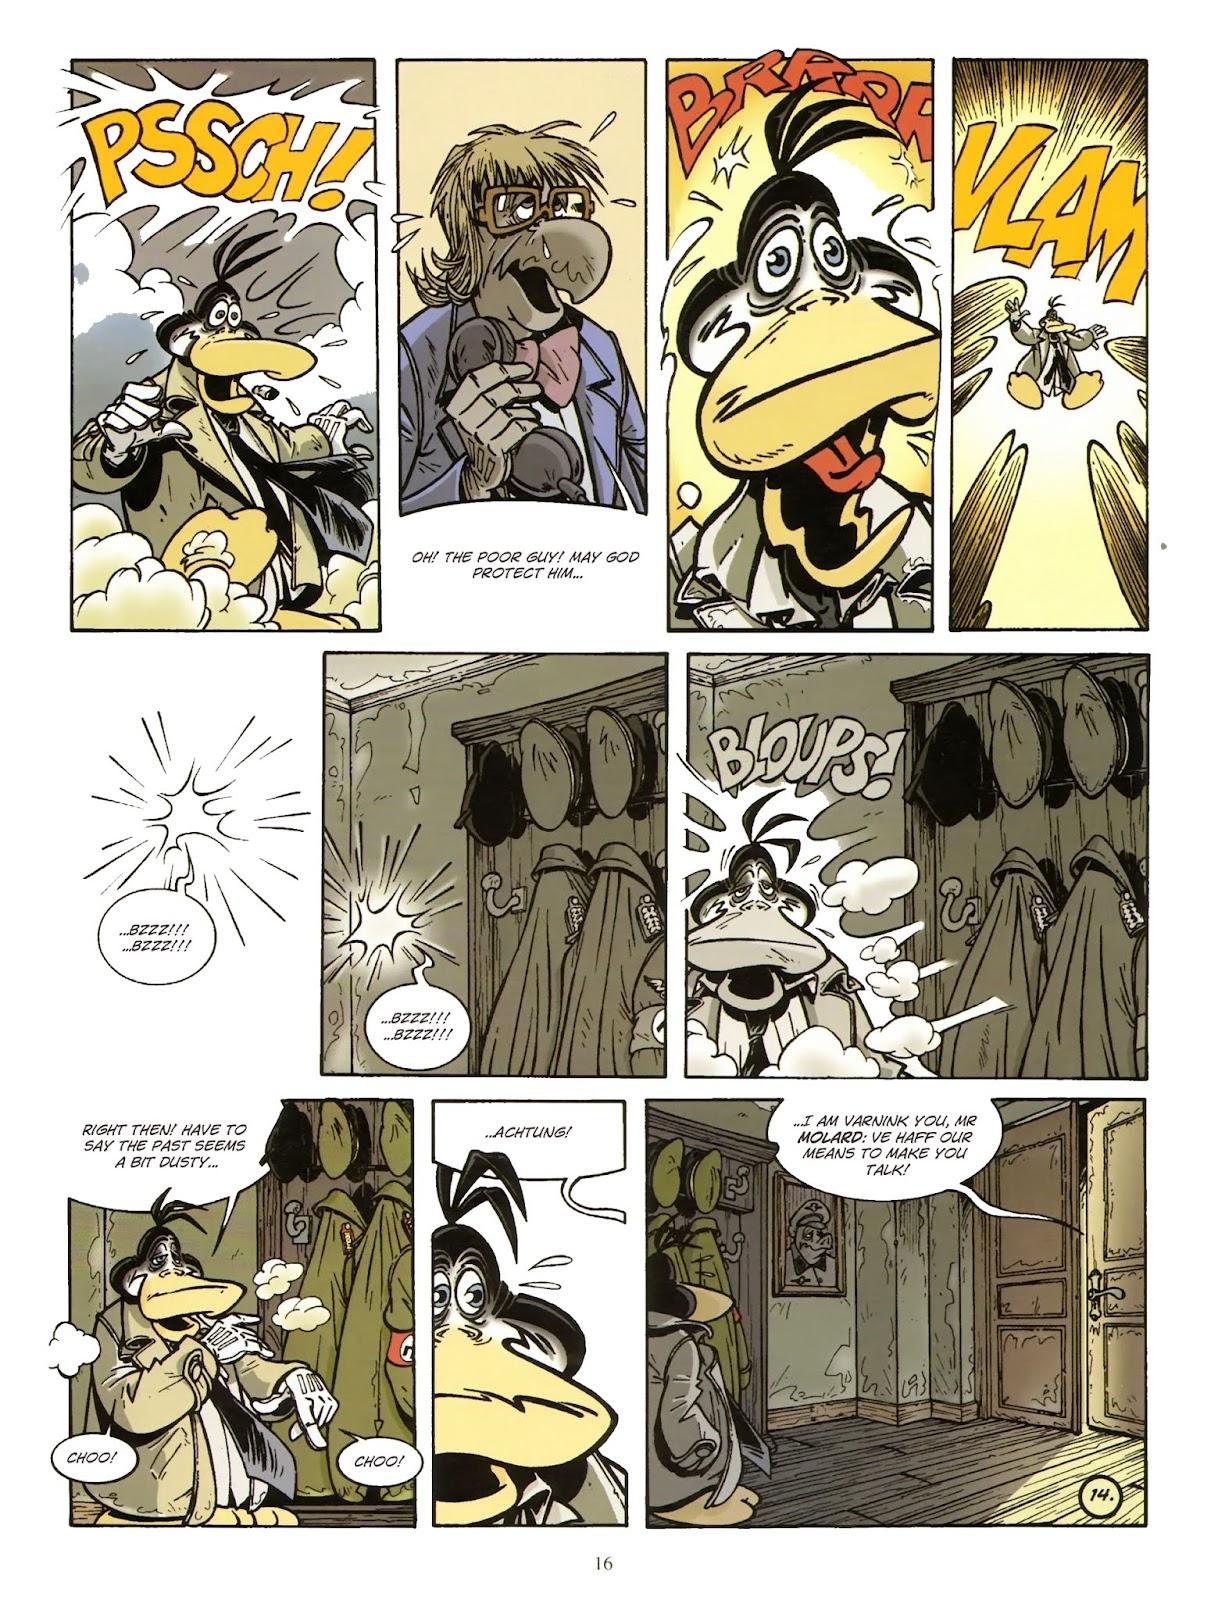 Une enquête de l'inspecteur Canardo issue 11 - Page 17